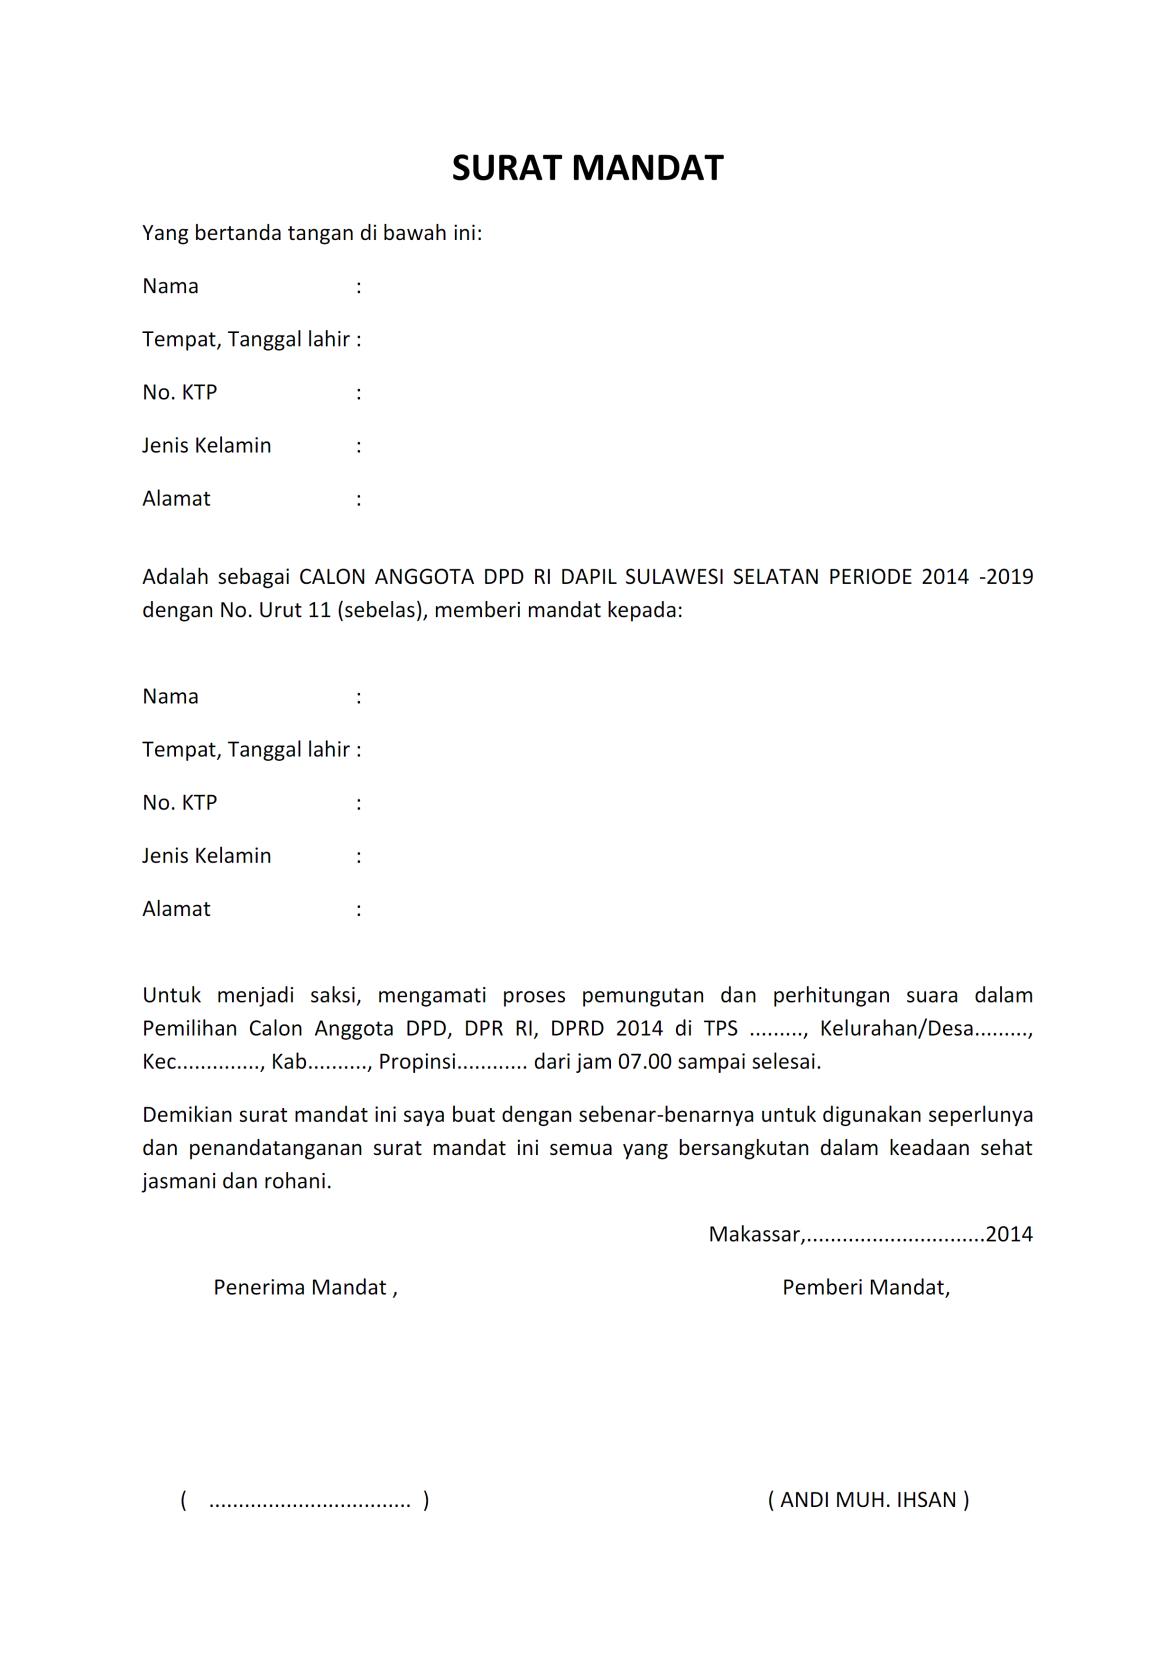 Contoh Surat Mandat : contoh, surat, mandat, SURAT, MANDAT, PEMLU, Tanda,, Berat, Badan,, Tanggal